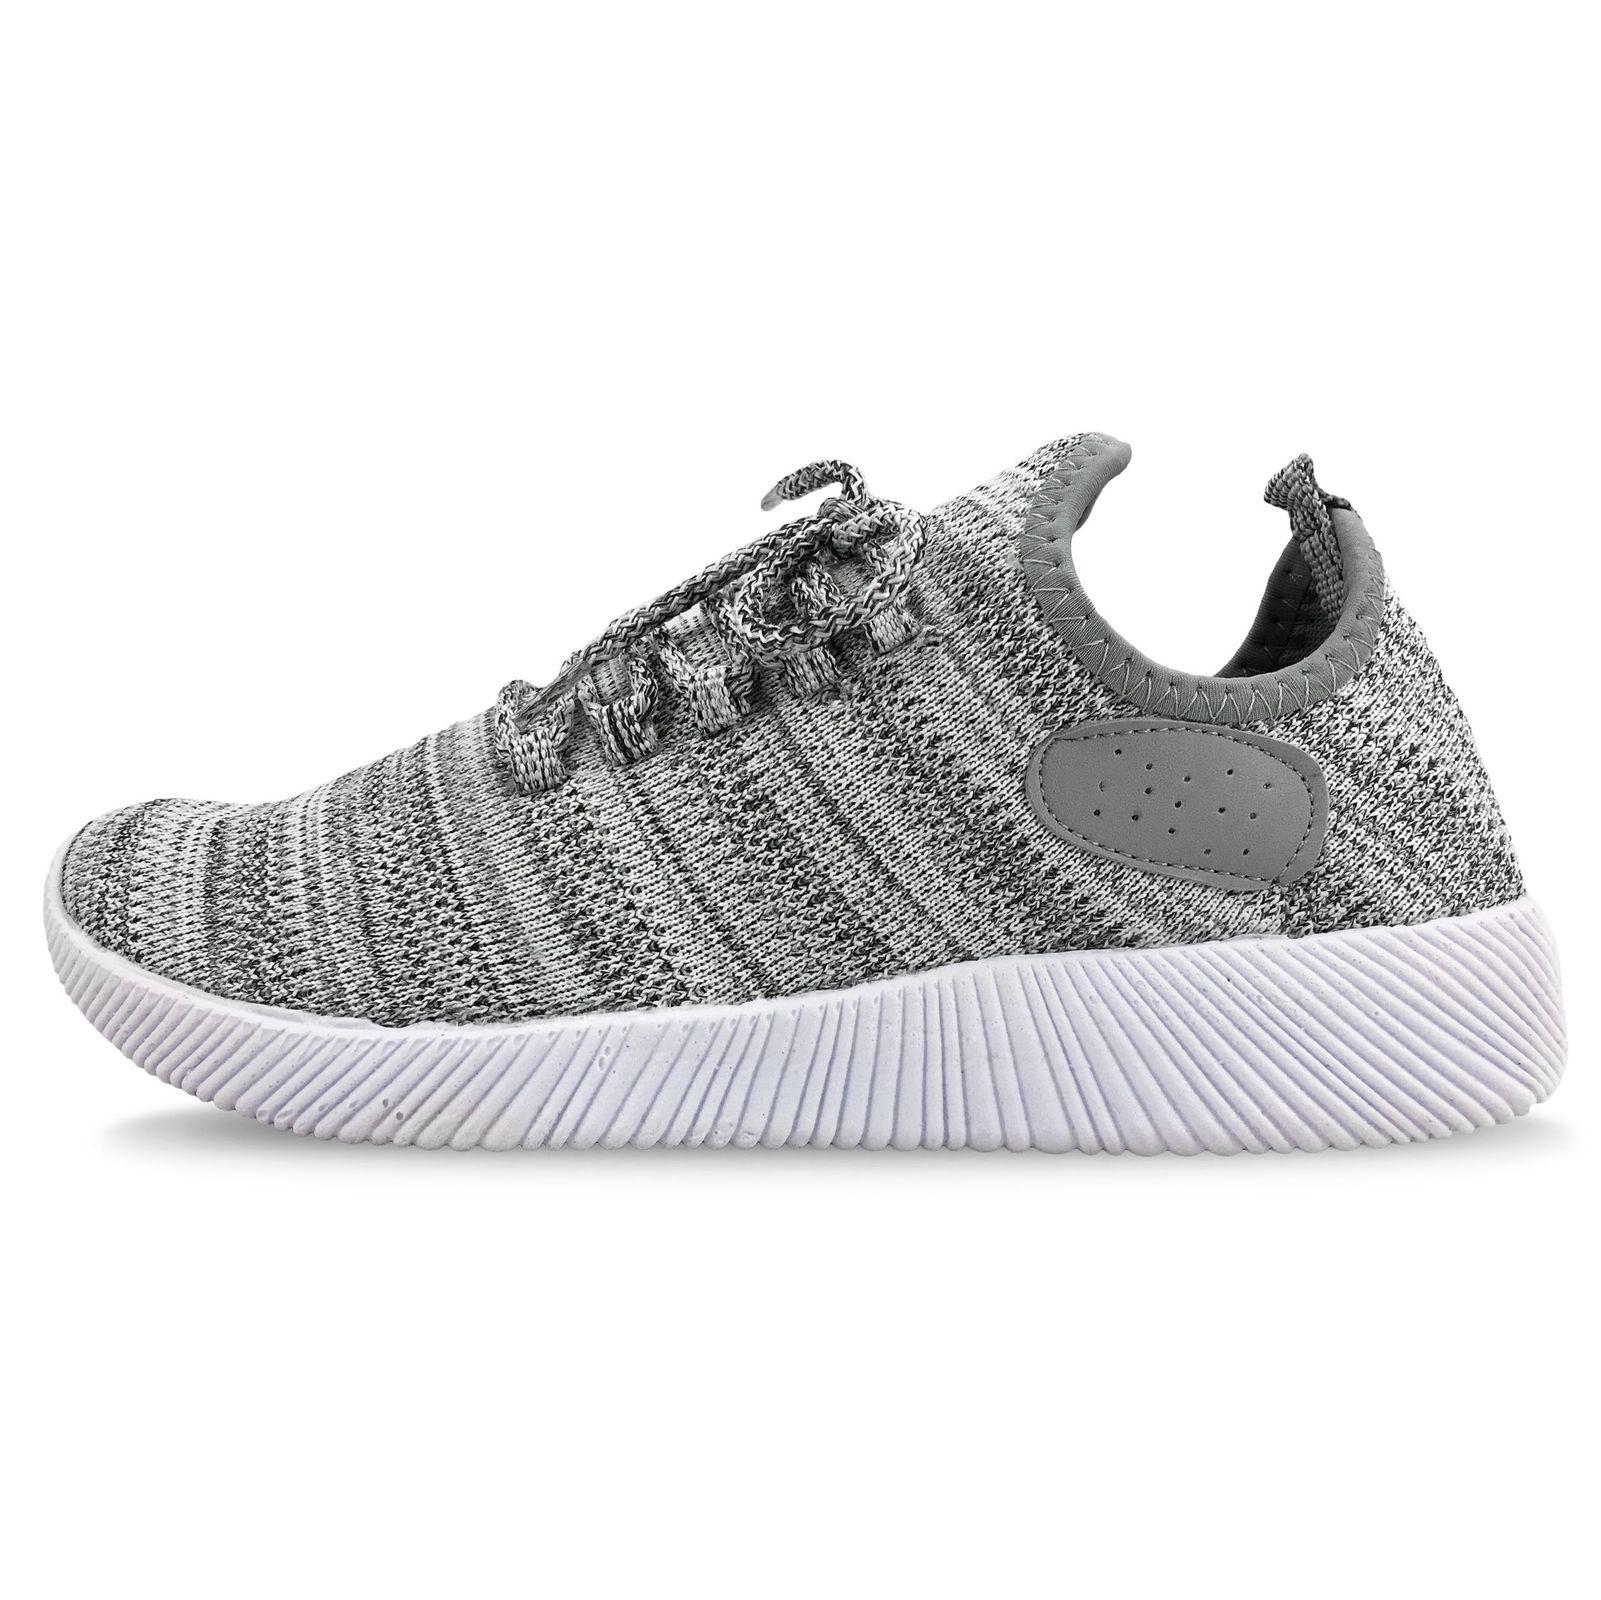 کفش مخصوص دویدن مردانه مدل اسکای کد 4105 main 1 1